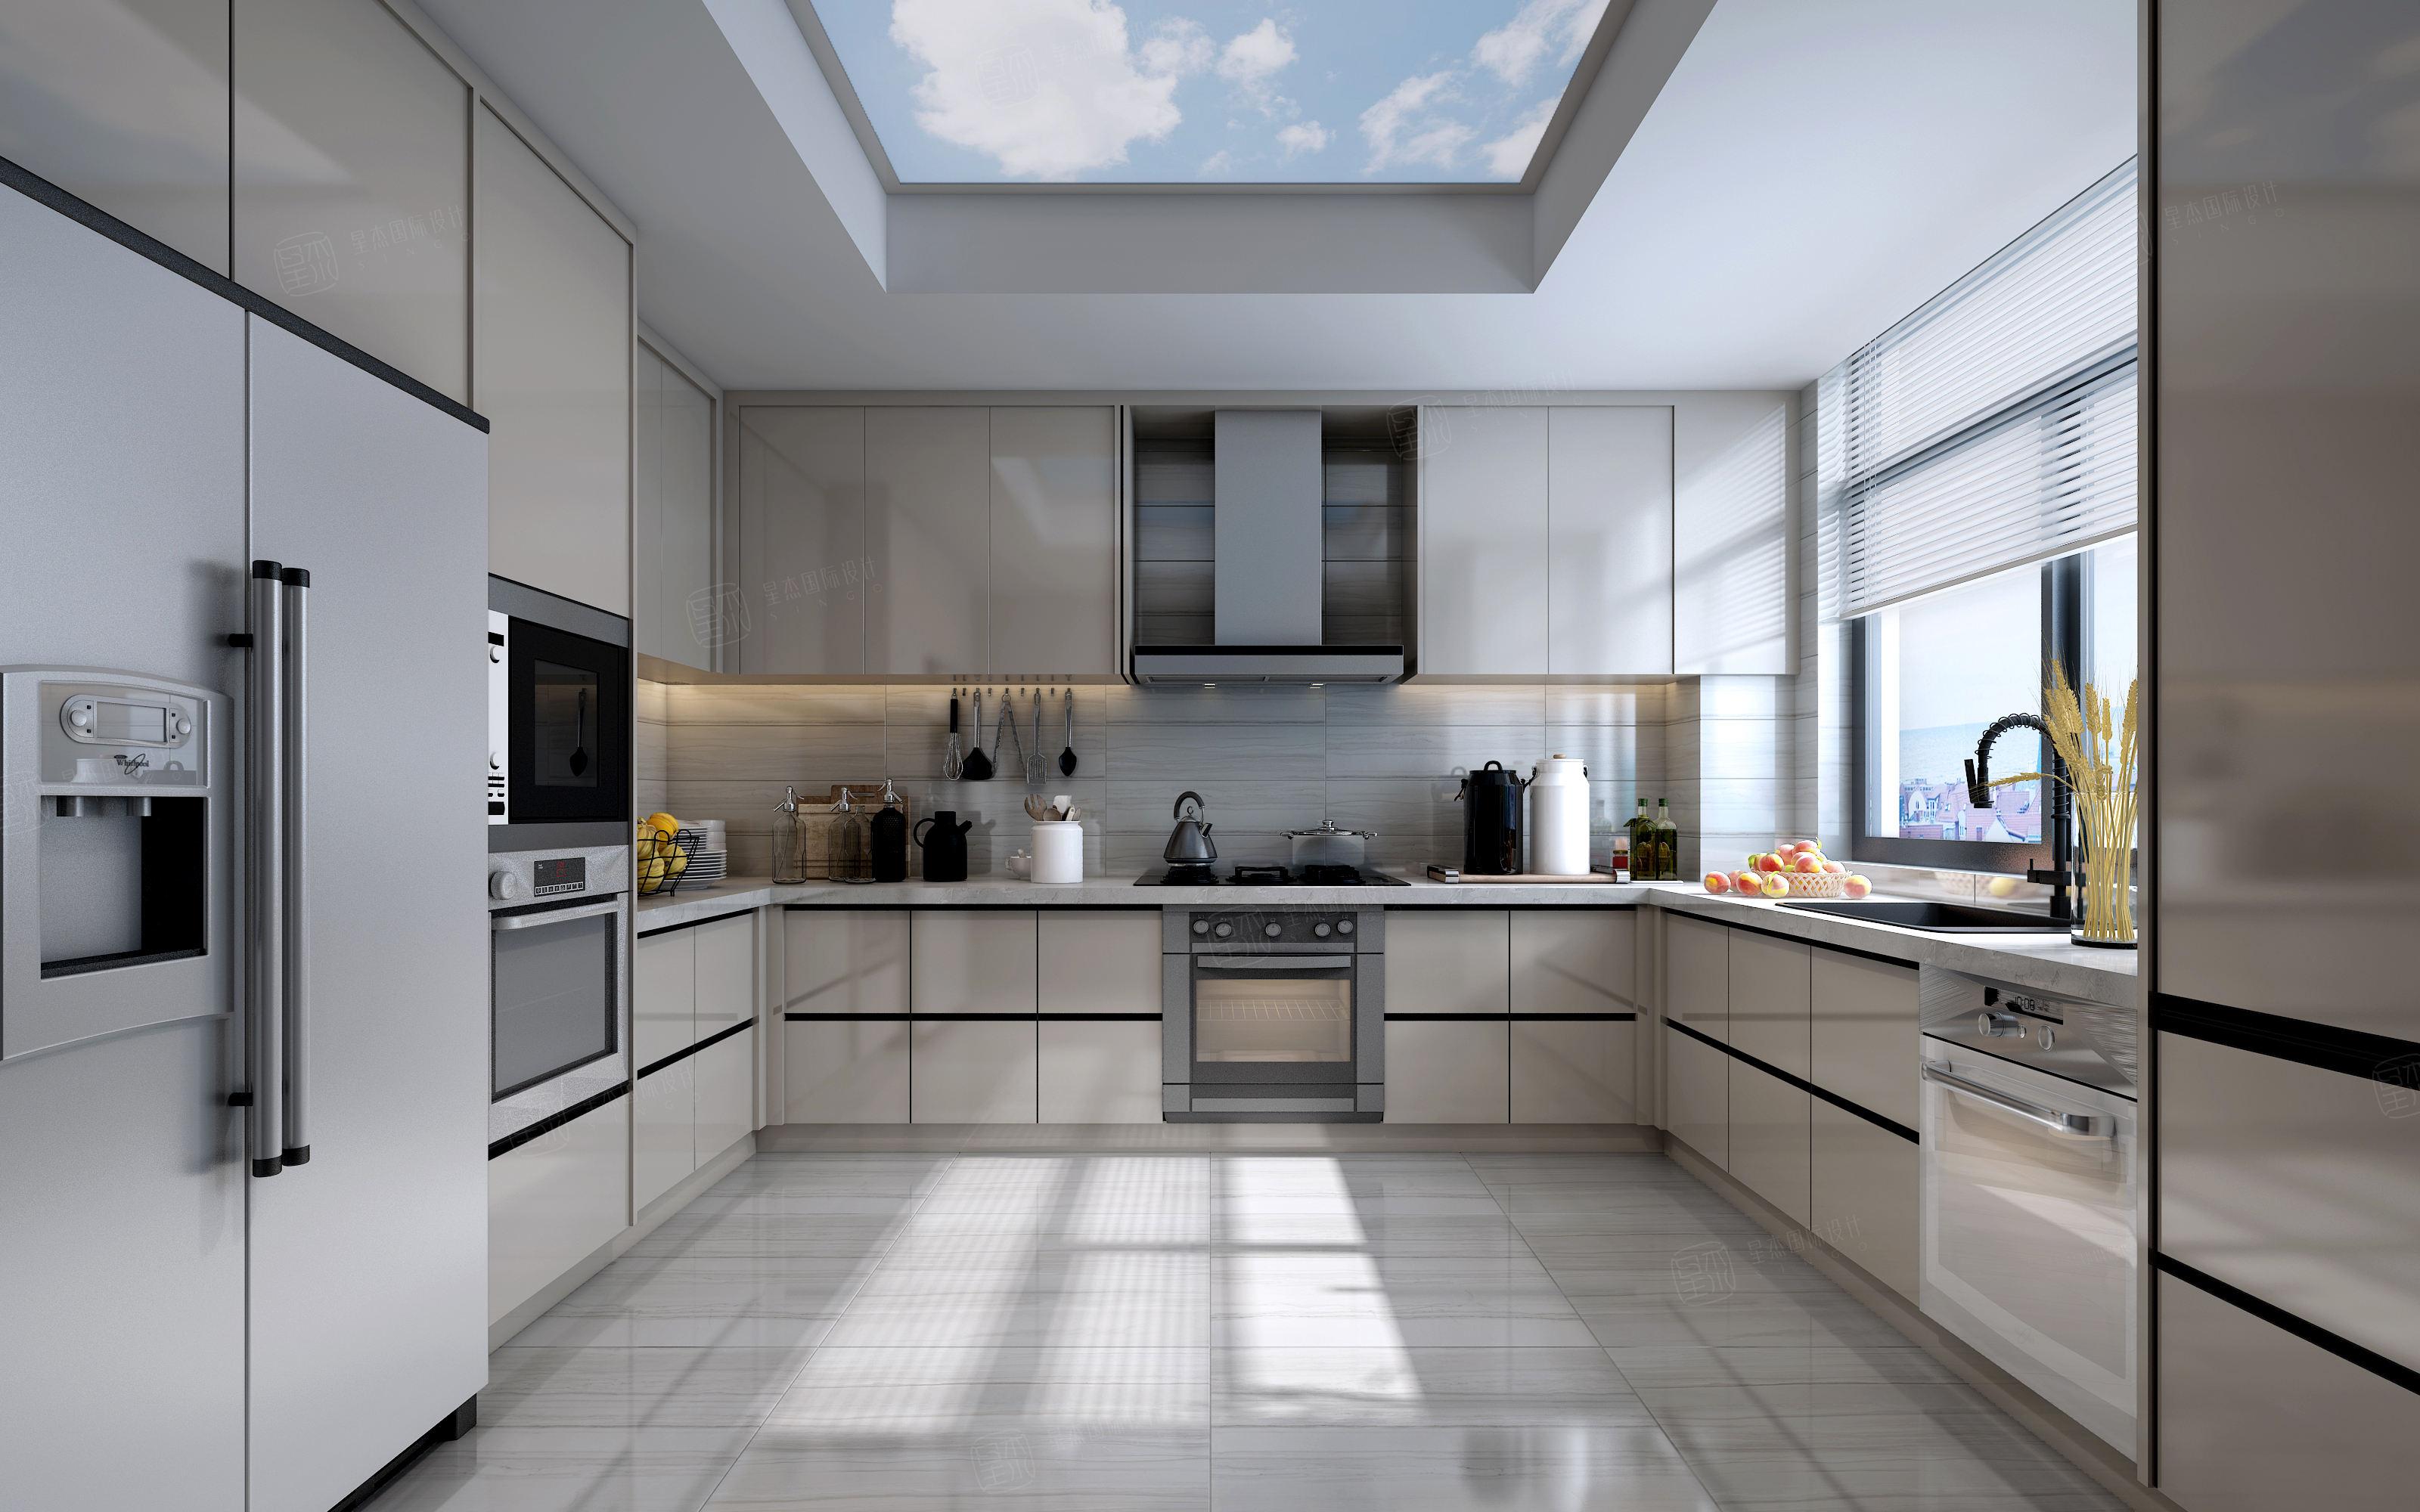 雅戈尔璞缇墅_以人为本的设计装修厨房效果图